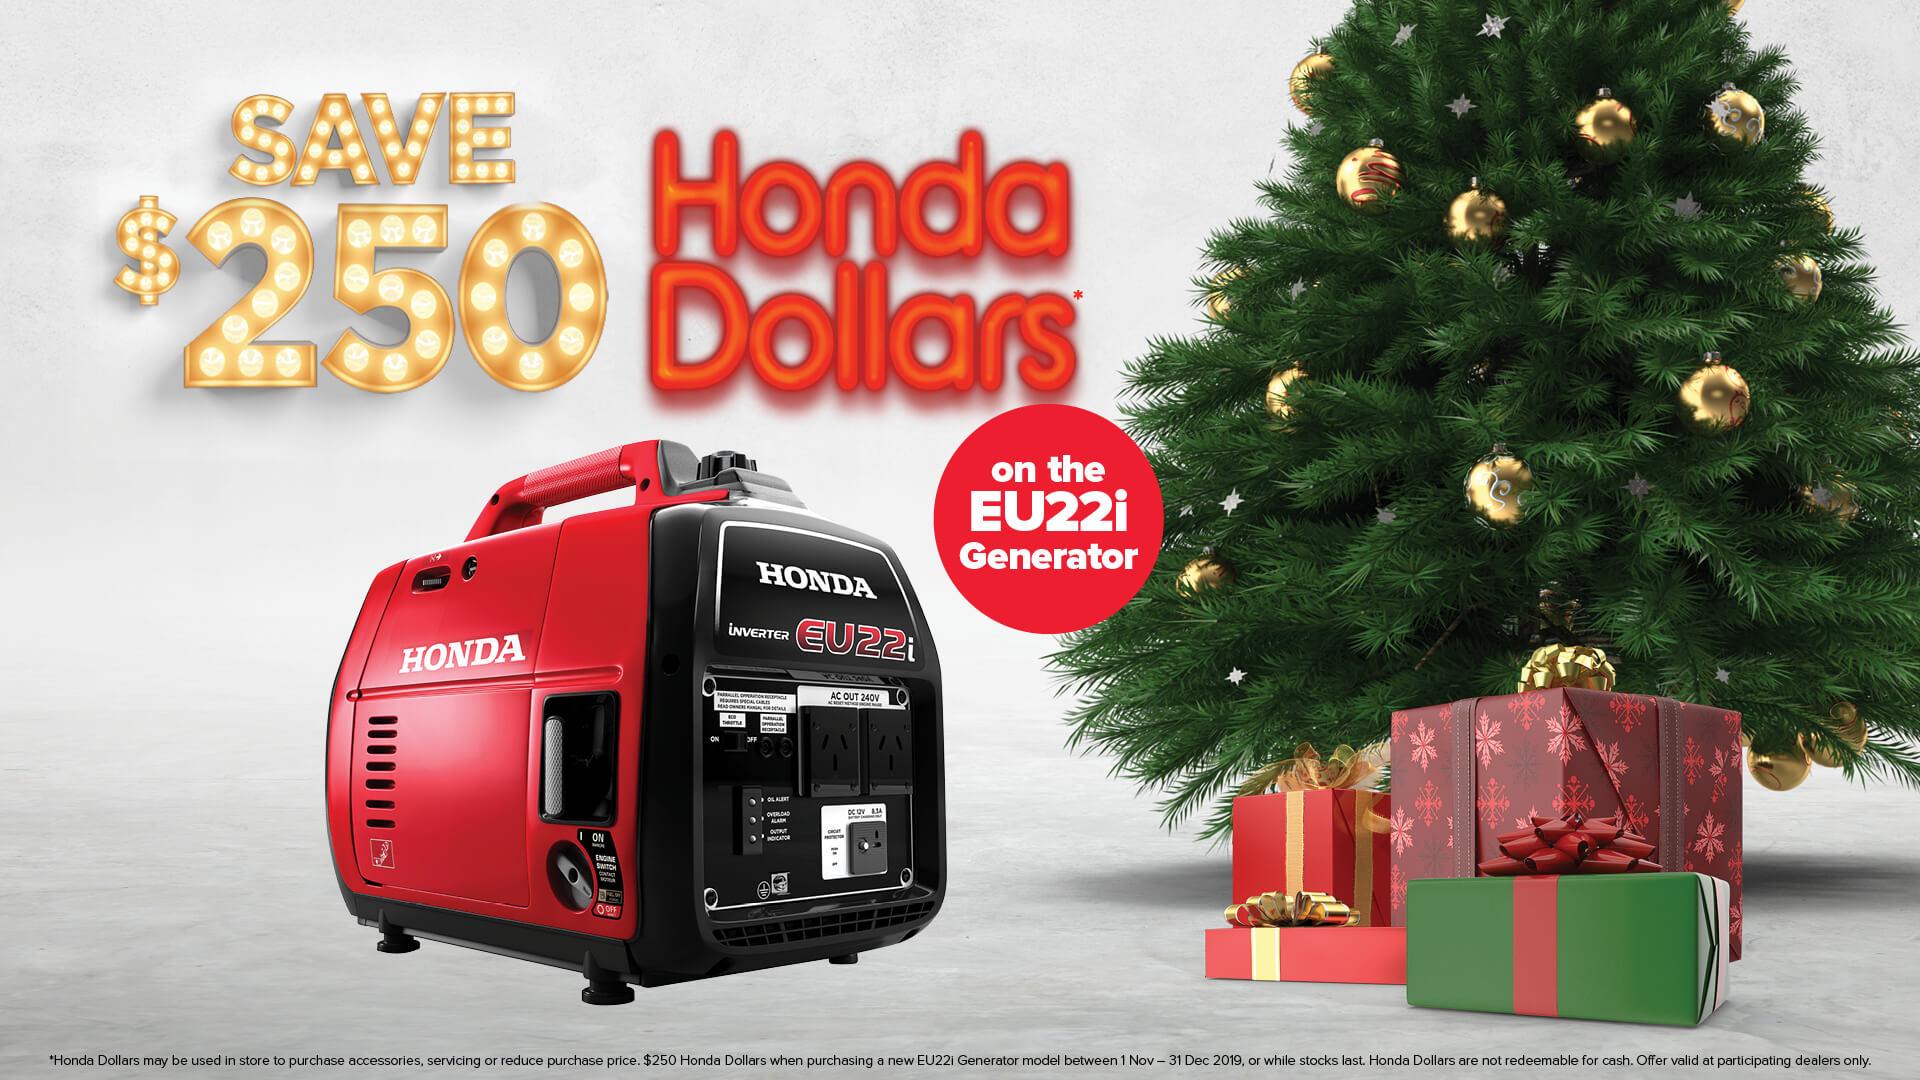 SAVE $250 - Honda Dollars